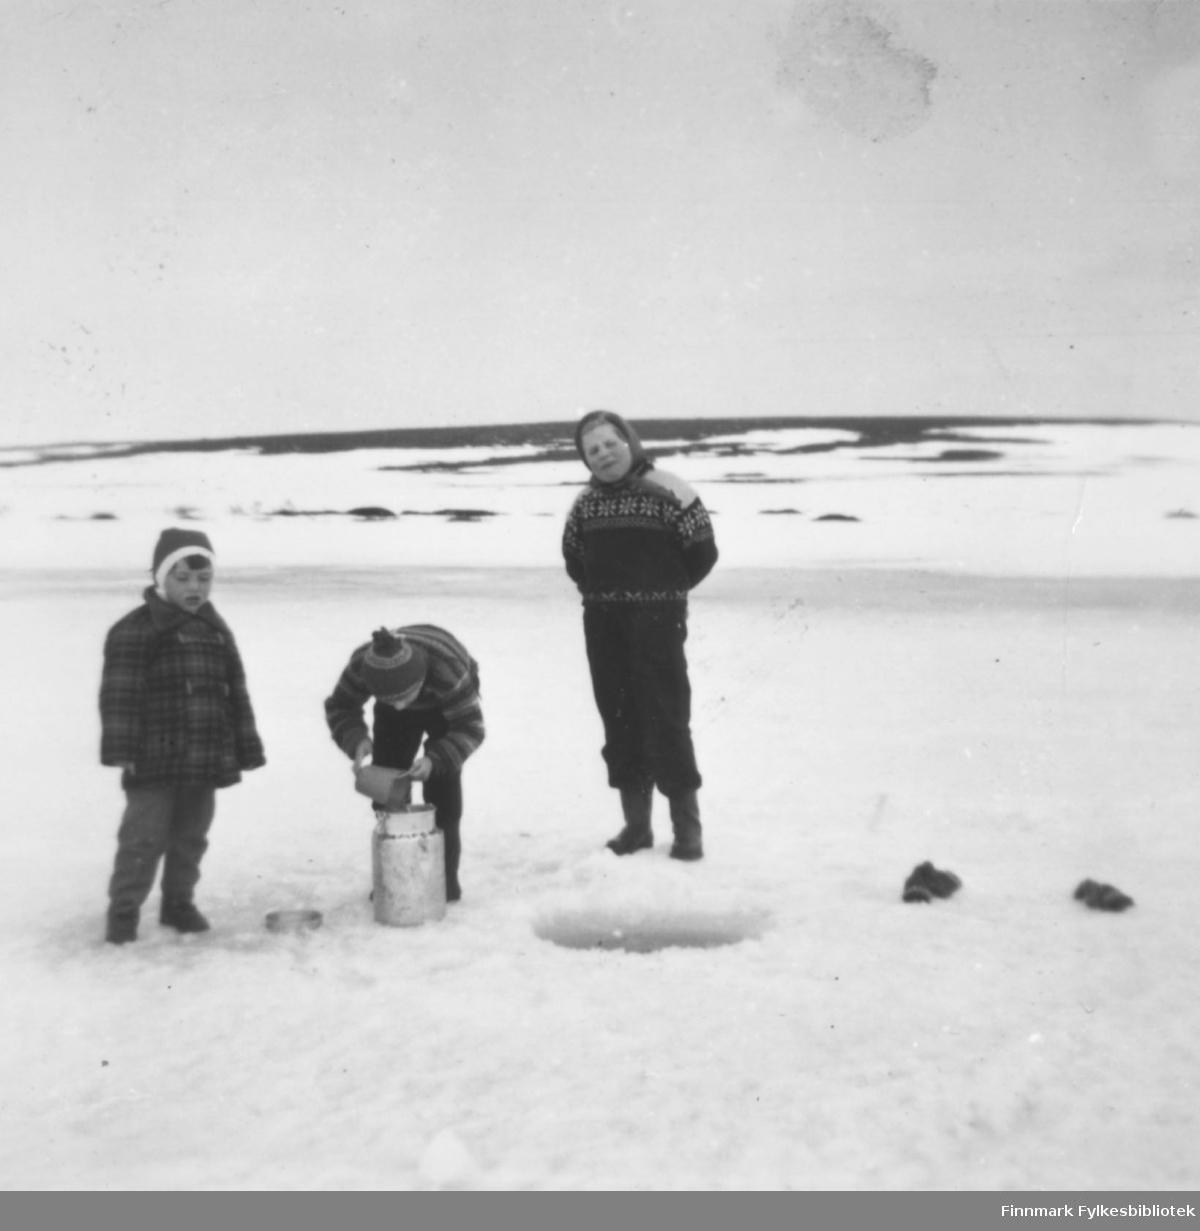 Fra hyttetur ved Valavannet, Vadsø kommune. Fra venstre: Svanhild Rushfeldt (gift Meirud), Inger-Lise Moksnes og Liss Unni Ananiassen. Vannhenting, Inger-Lise med spannet. Votter ligger på isen.